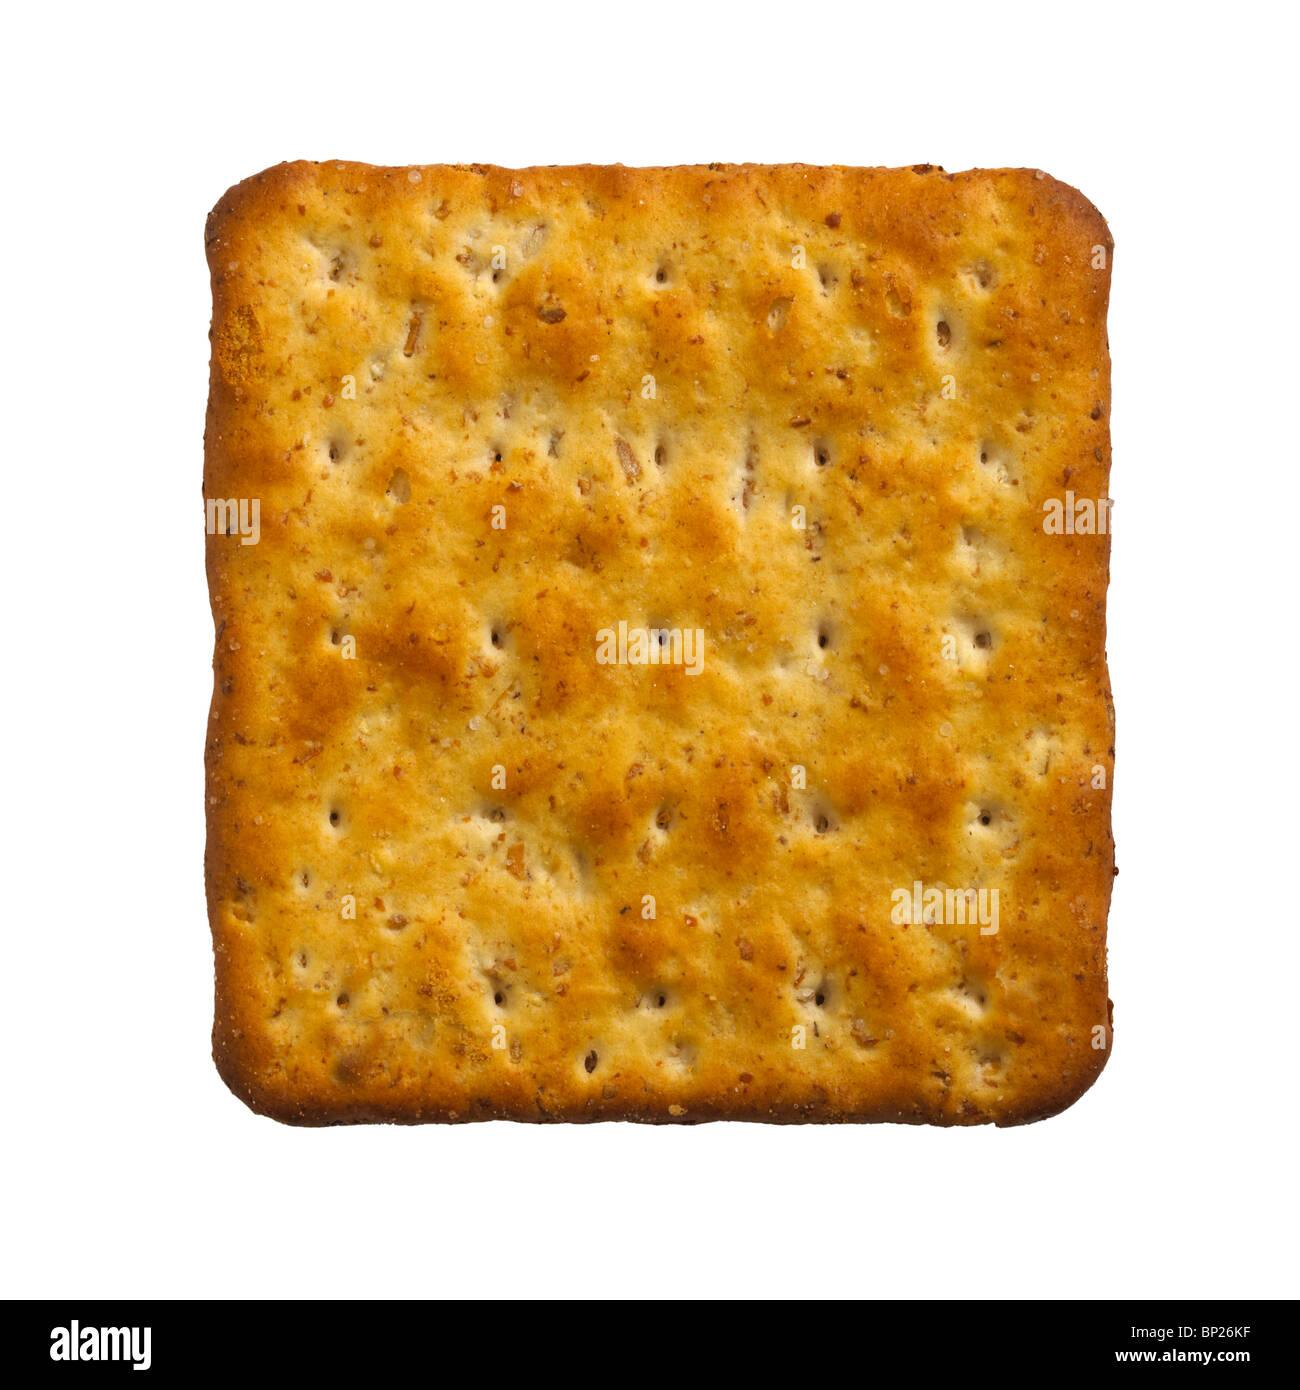 Formaggio unico biscotto cracker su sfondo bianco Immagini Stock